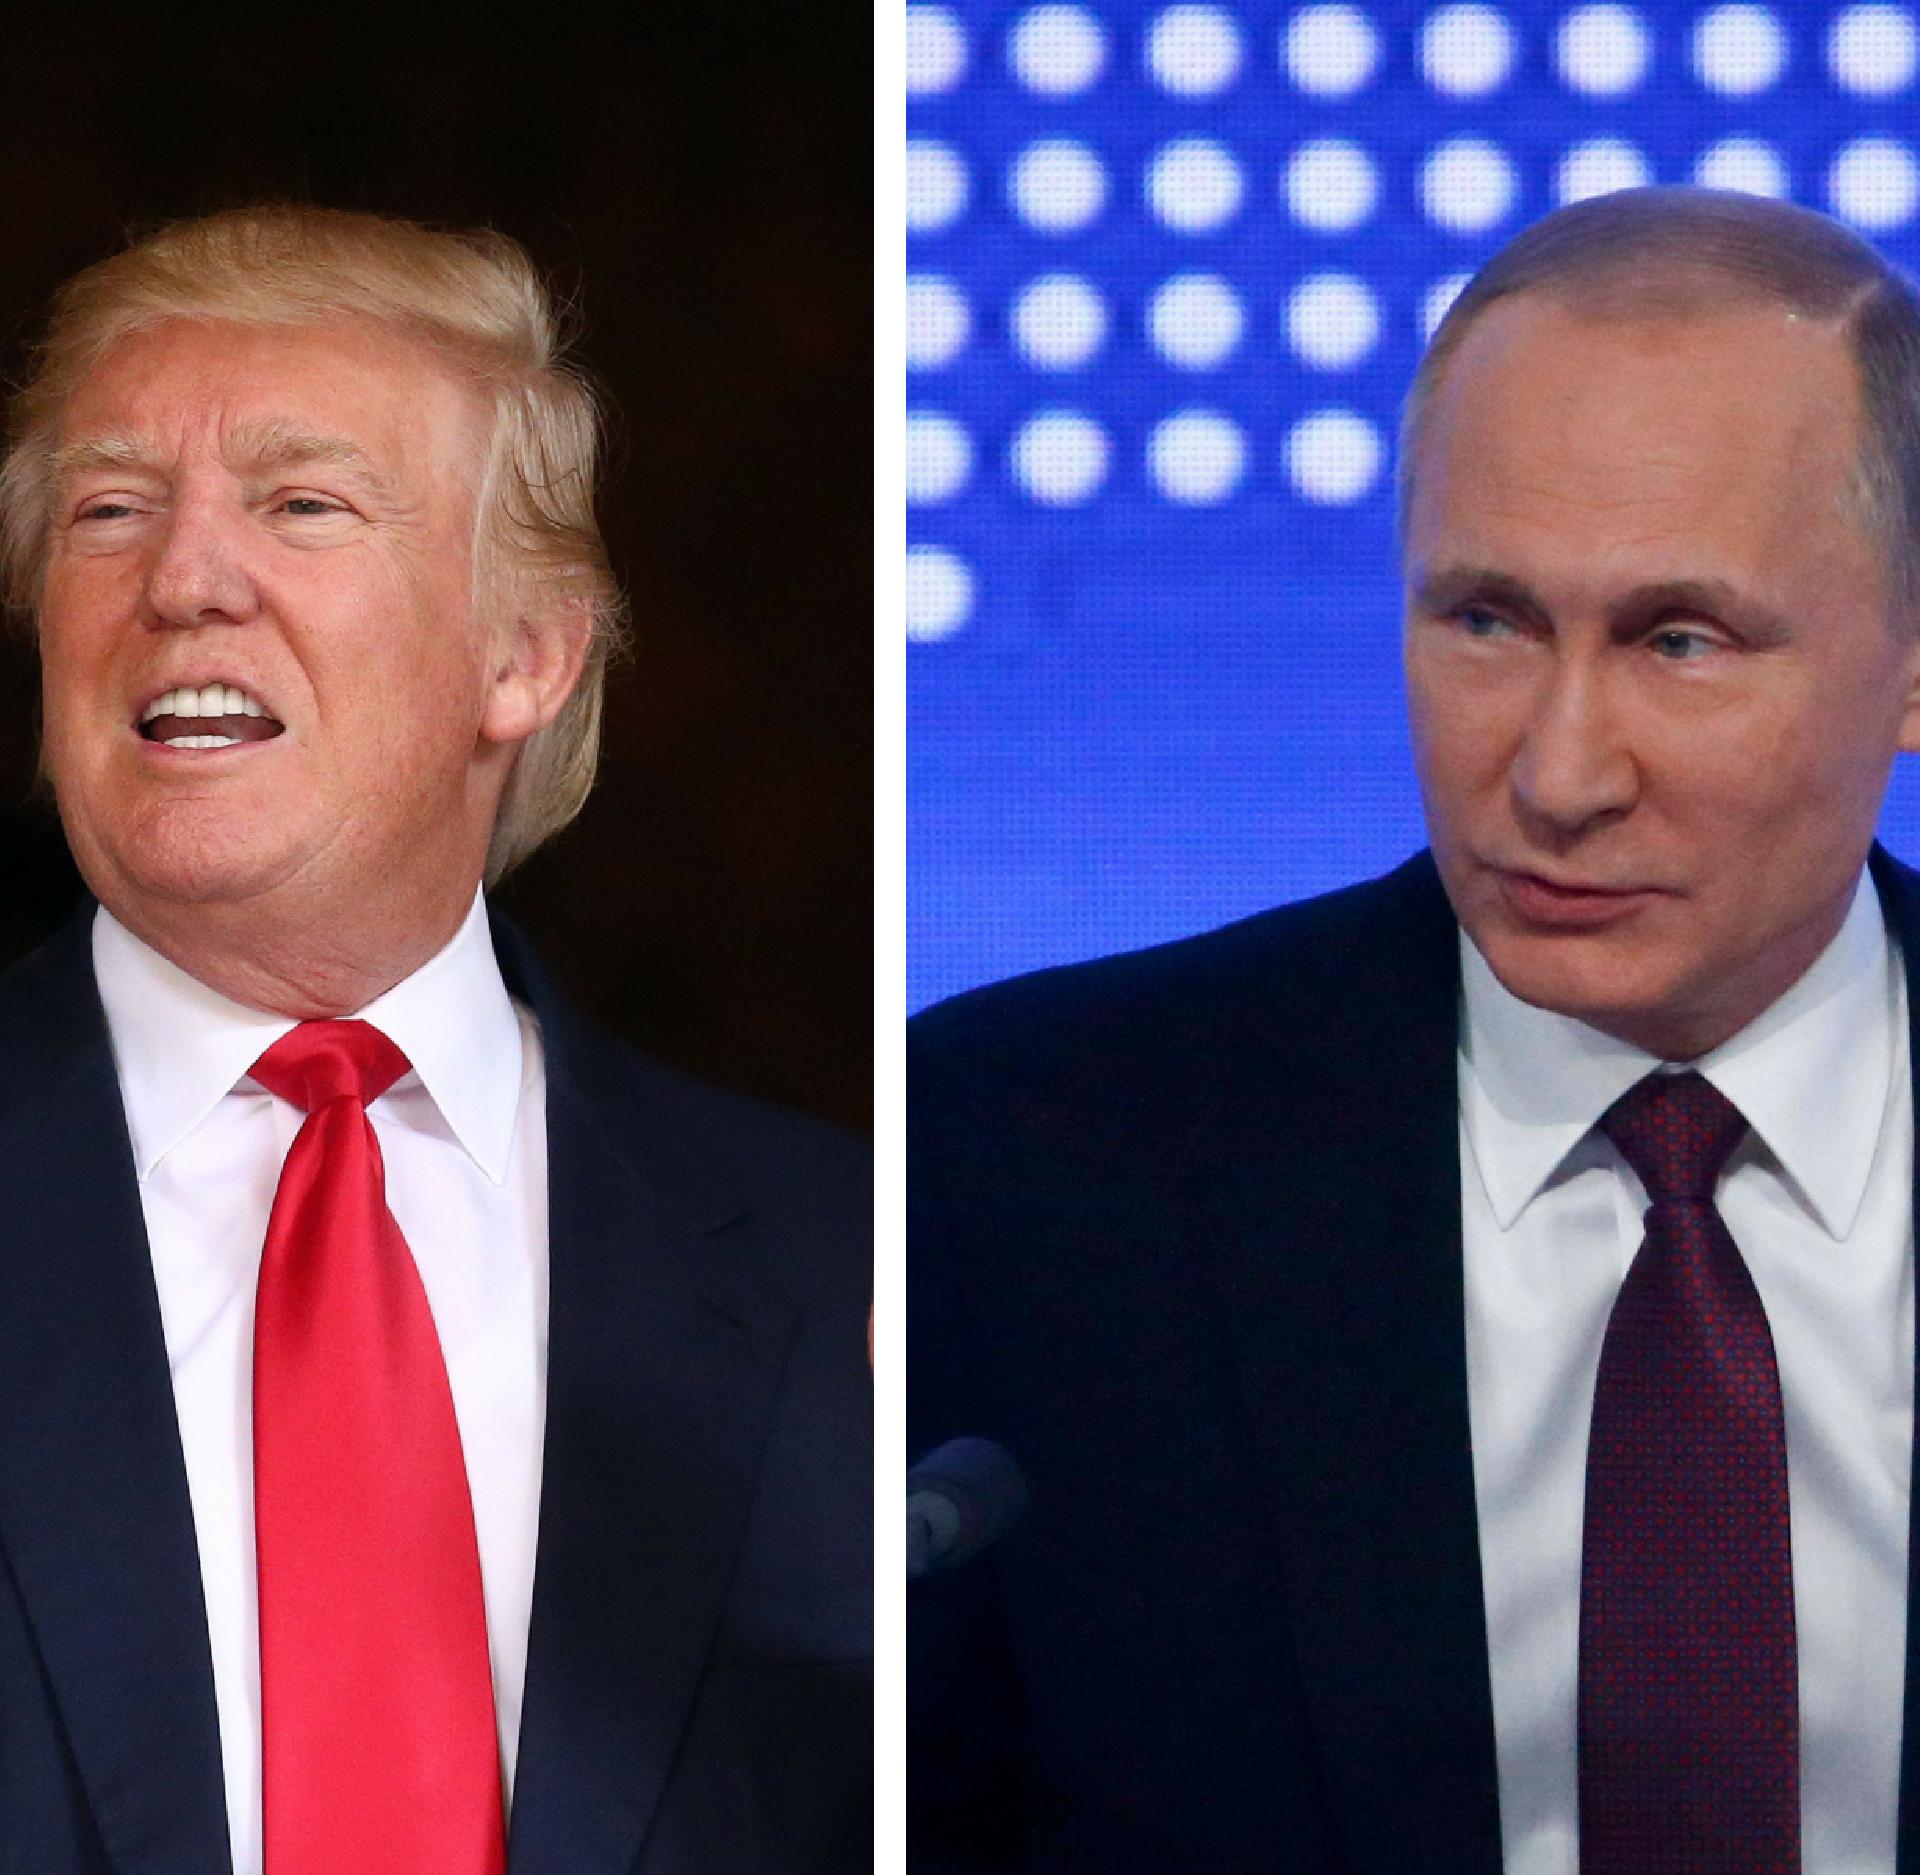 Putin pisao Trumpu, a on kaže: Njegove misli su tako ispravne